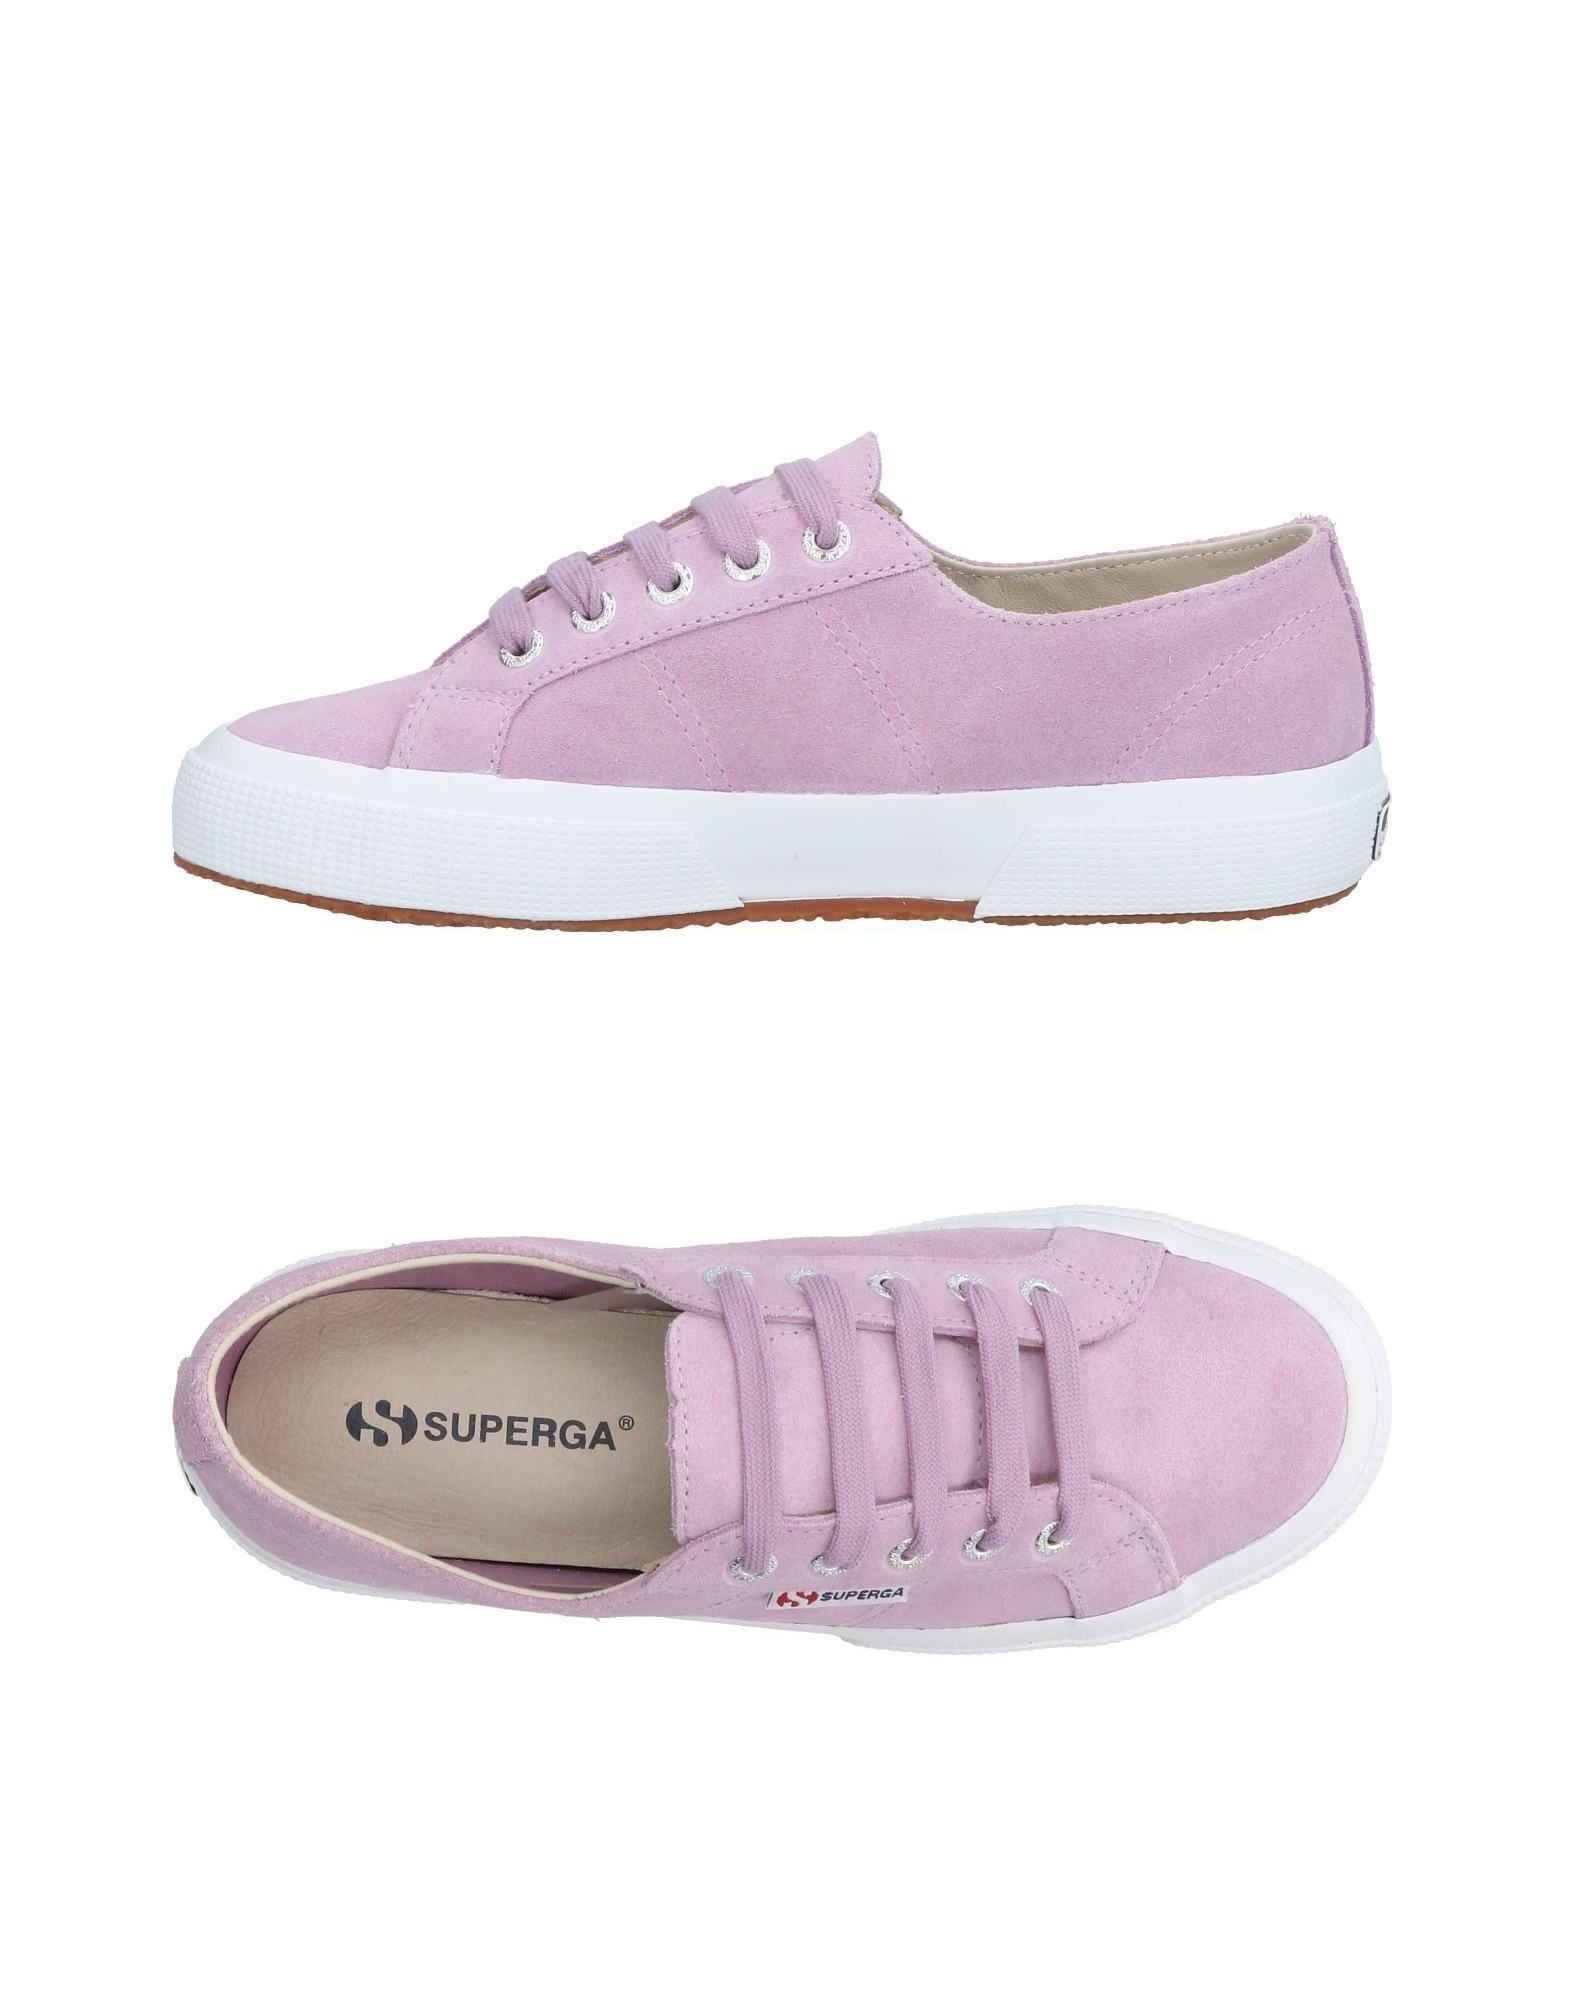 Günstige und modische Schuhe Superga® Sneakers Damen  11275864MK